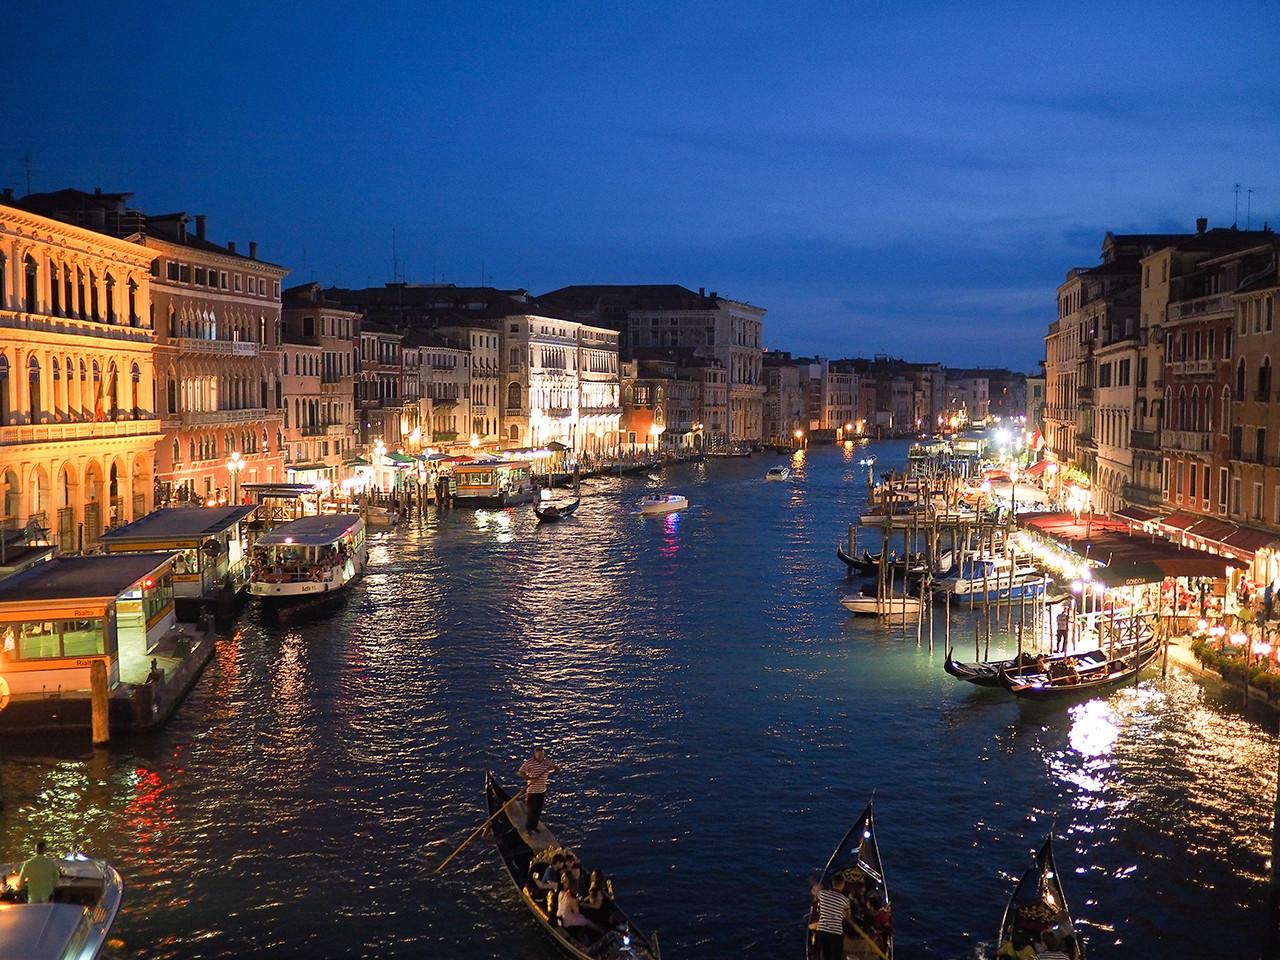 La ciudad italiana de Venecia.